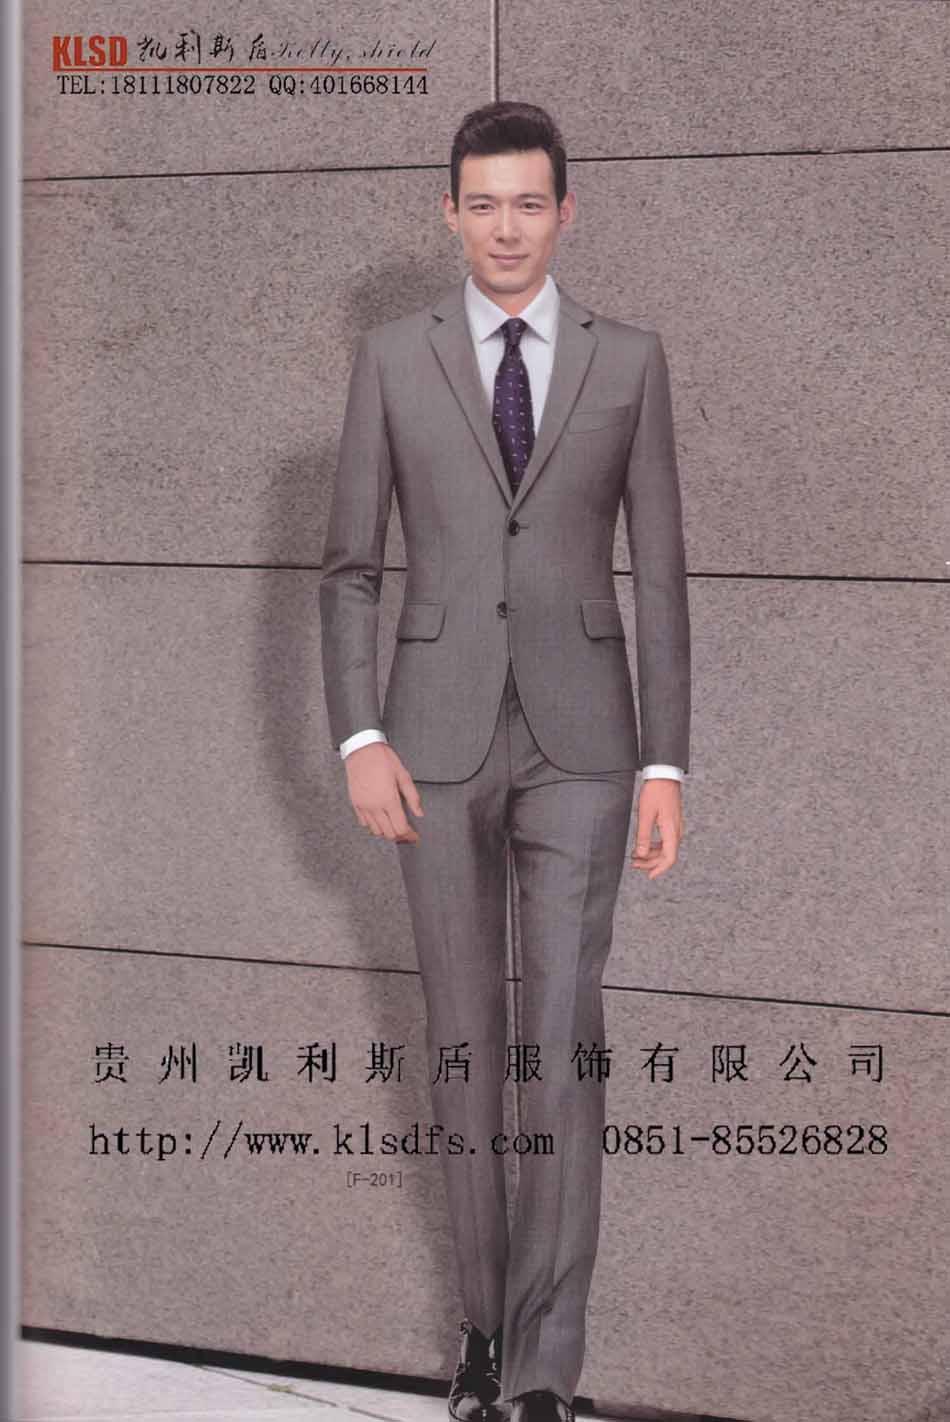 贵阳哪里有供应实惠的高级男装|山东高级男装